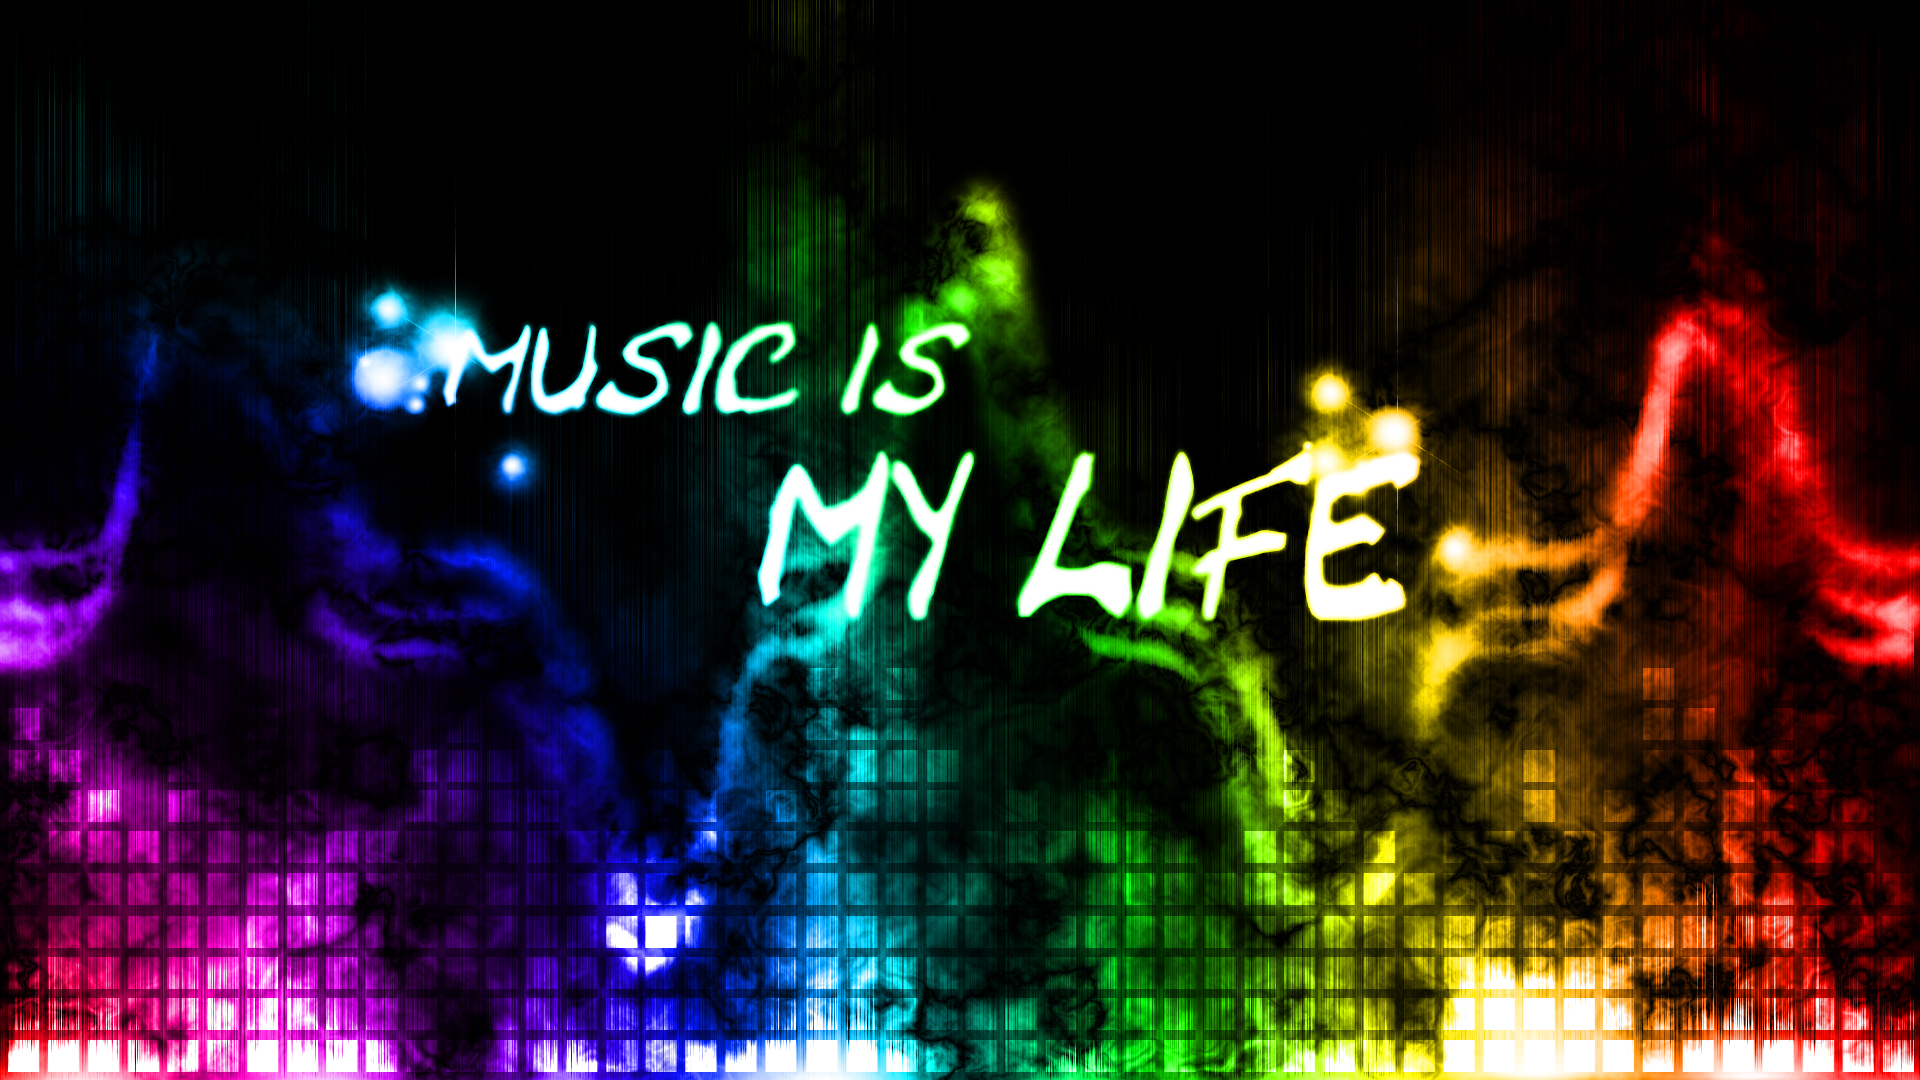 Music Is My Life Wallpaper - WallpaperSafari